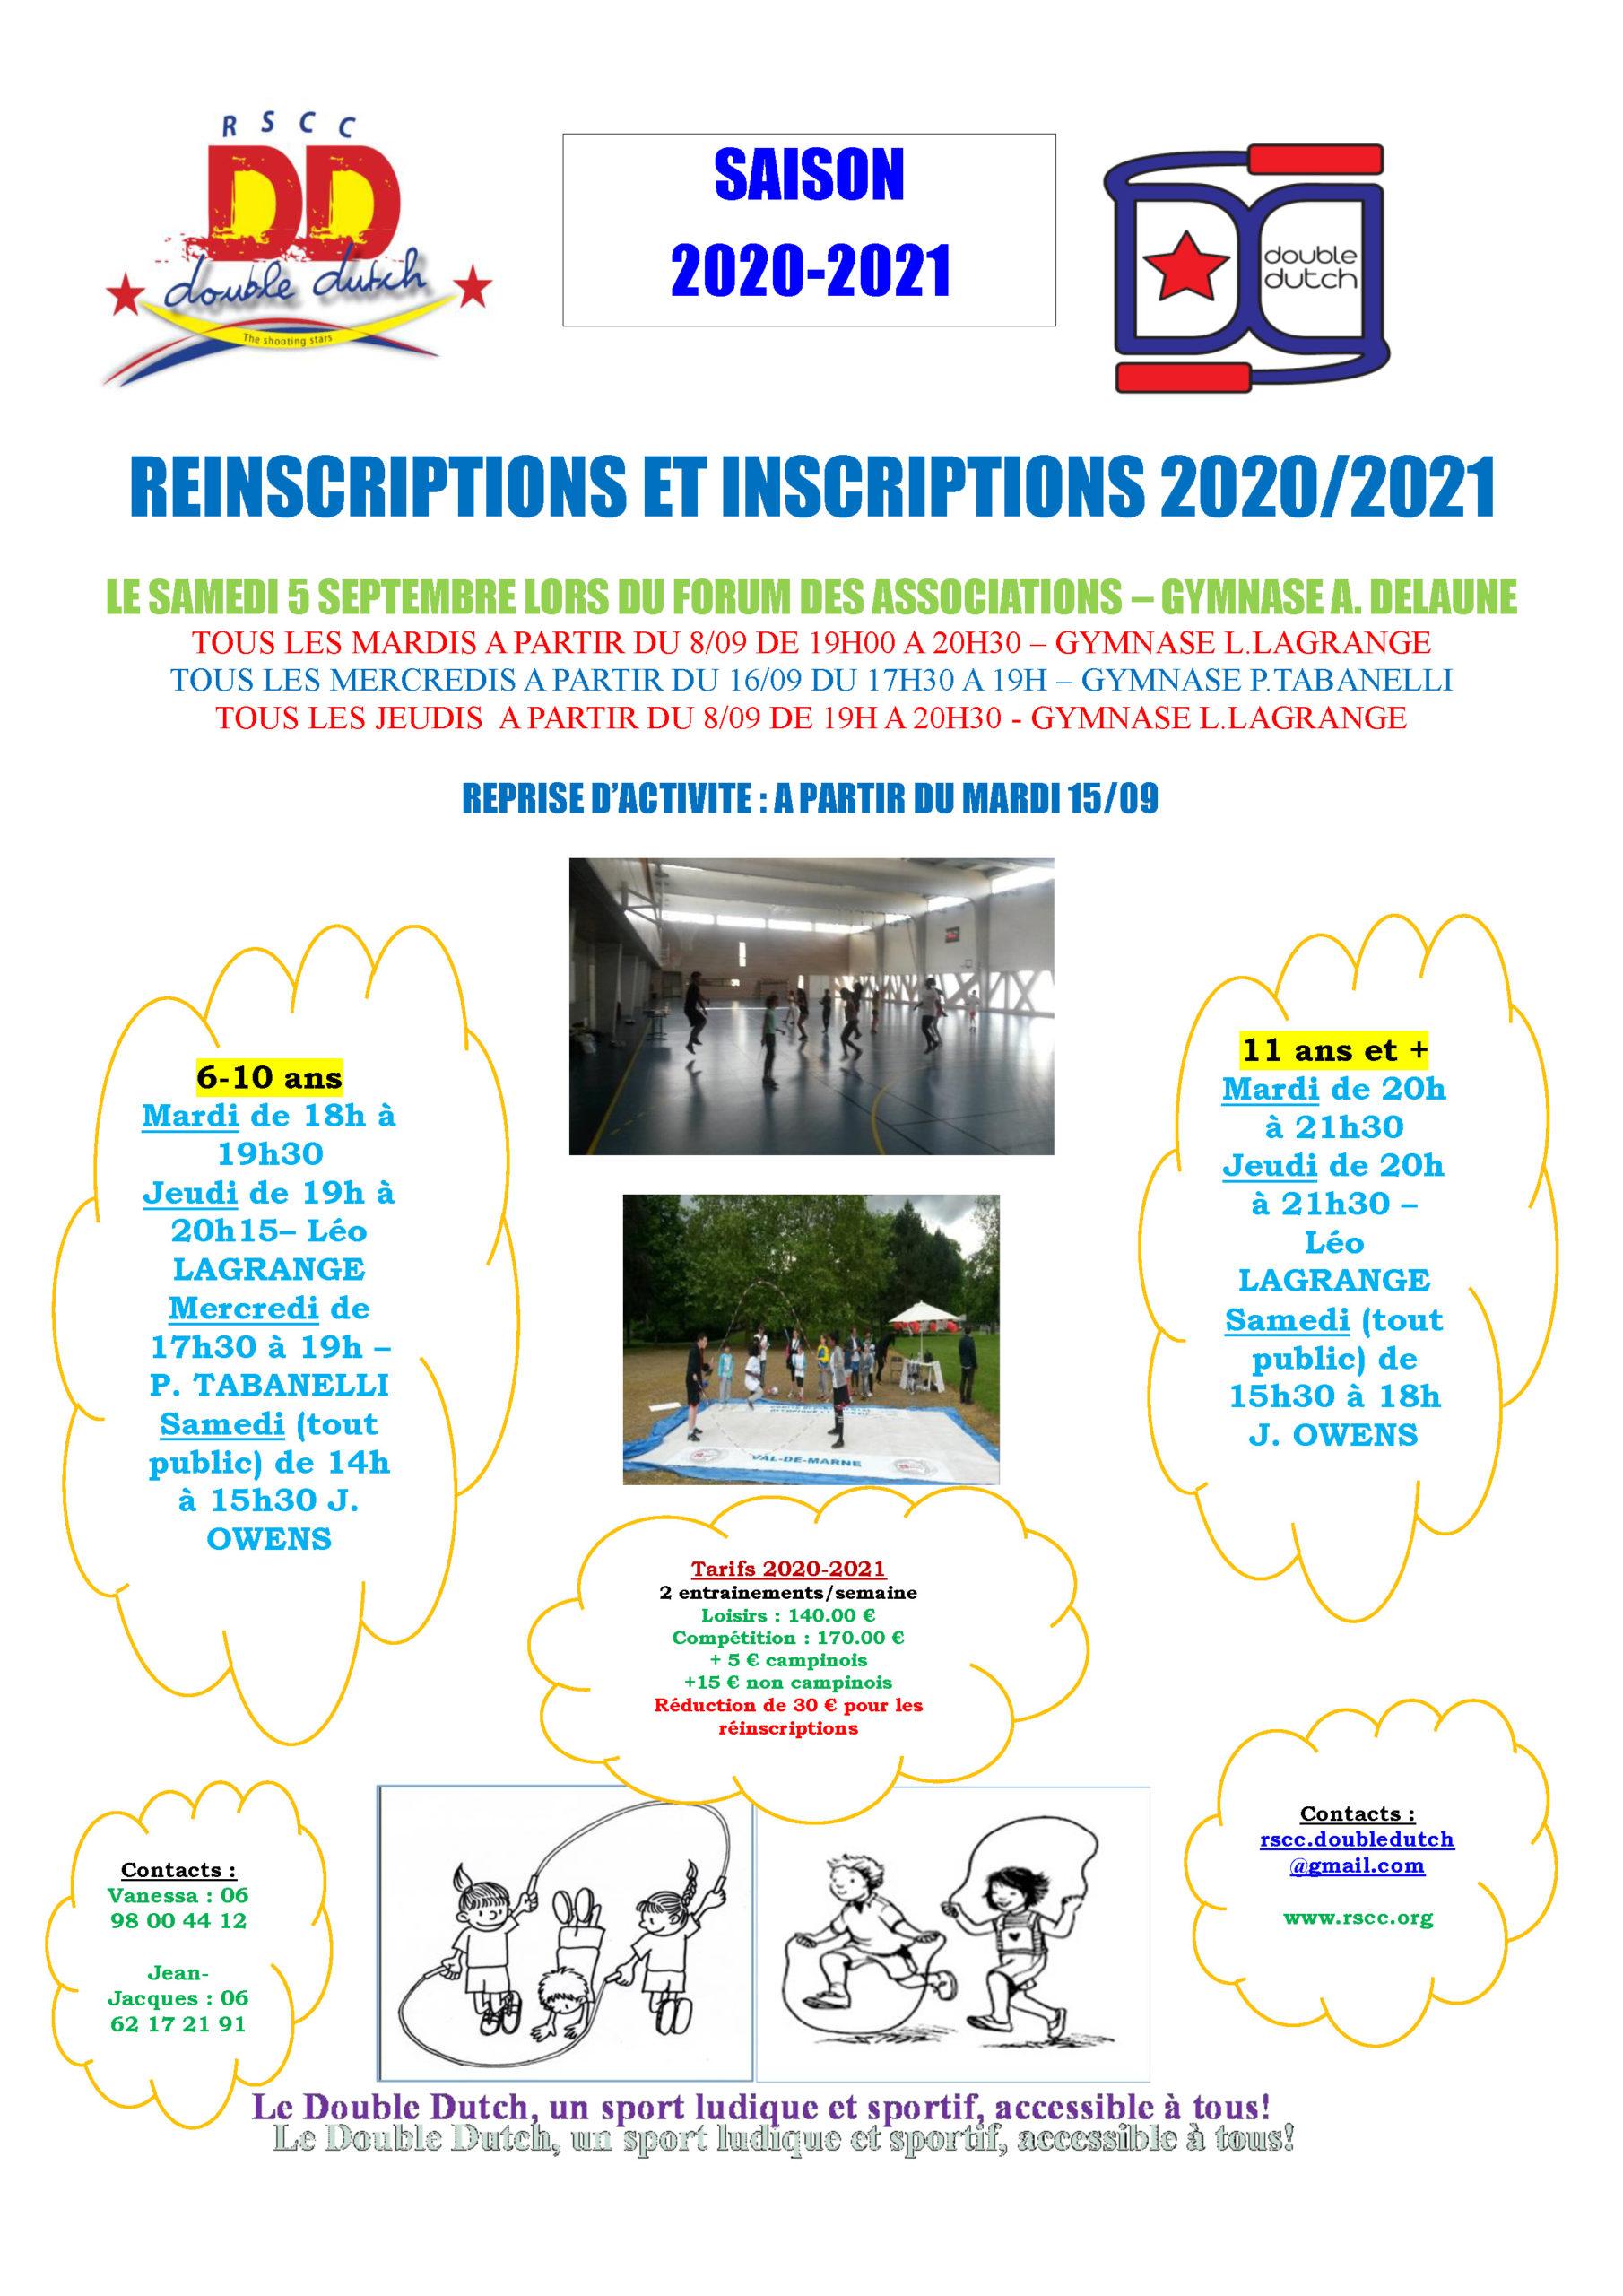 SAISON 2020 / 2021